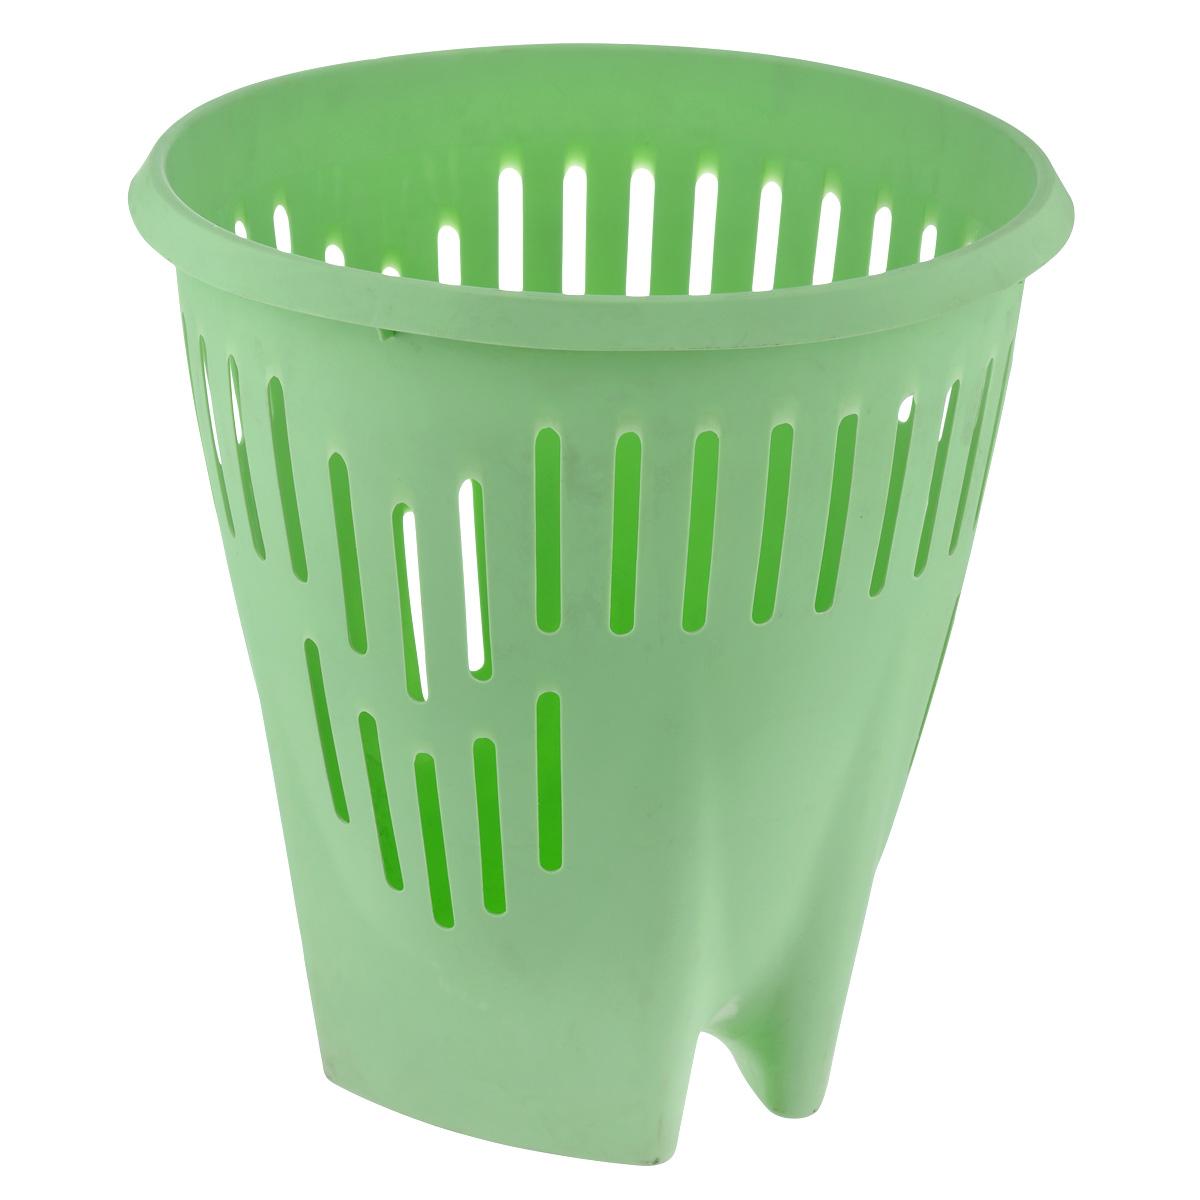 Корзина для бумаг Hega Hogar, цвет: салатовый, 15 л13210_салатовыйКорзина Hega Hogar выполнена из пластика и предназначена для сбора мелкого мусора и бумаг. Стенки корзины оформлены перфорацией. Такая корзина прекрасно впишется в интерьер гостиной, спальни, офиса или кабинета. Диаметр корзины: 31,5 см. Высота корзины: 33 см.